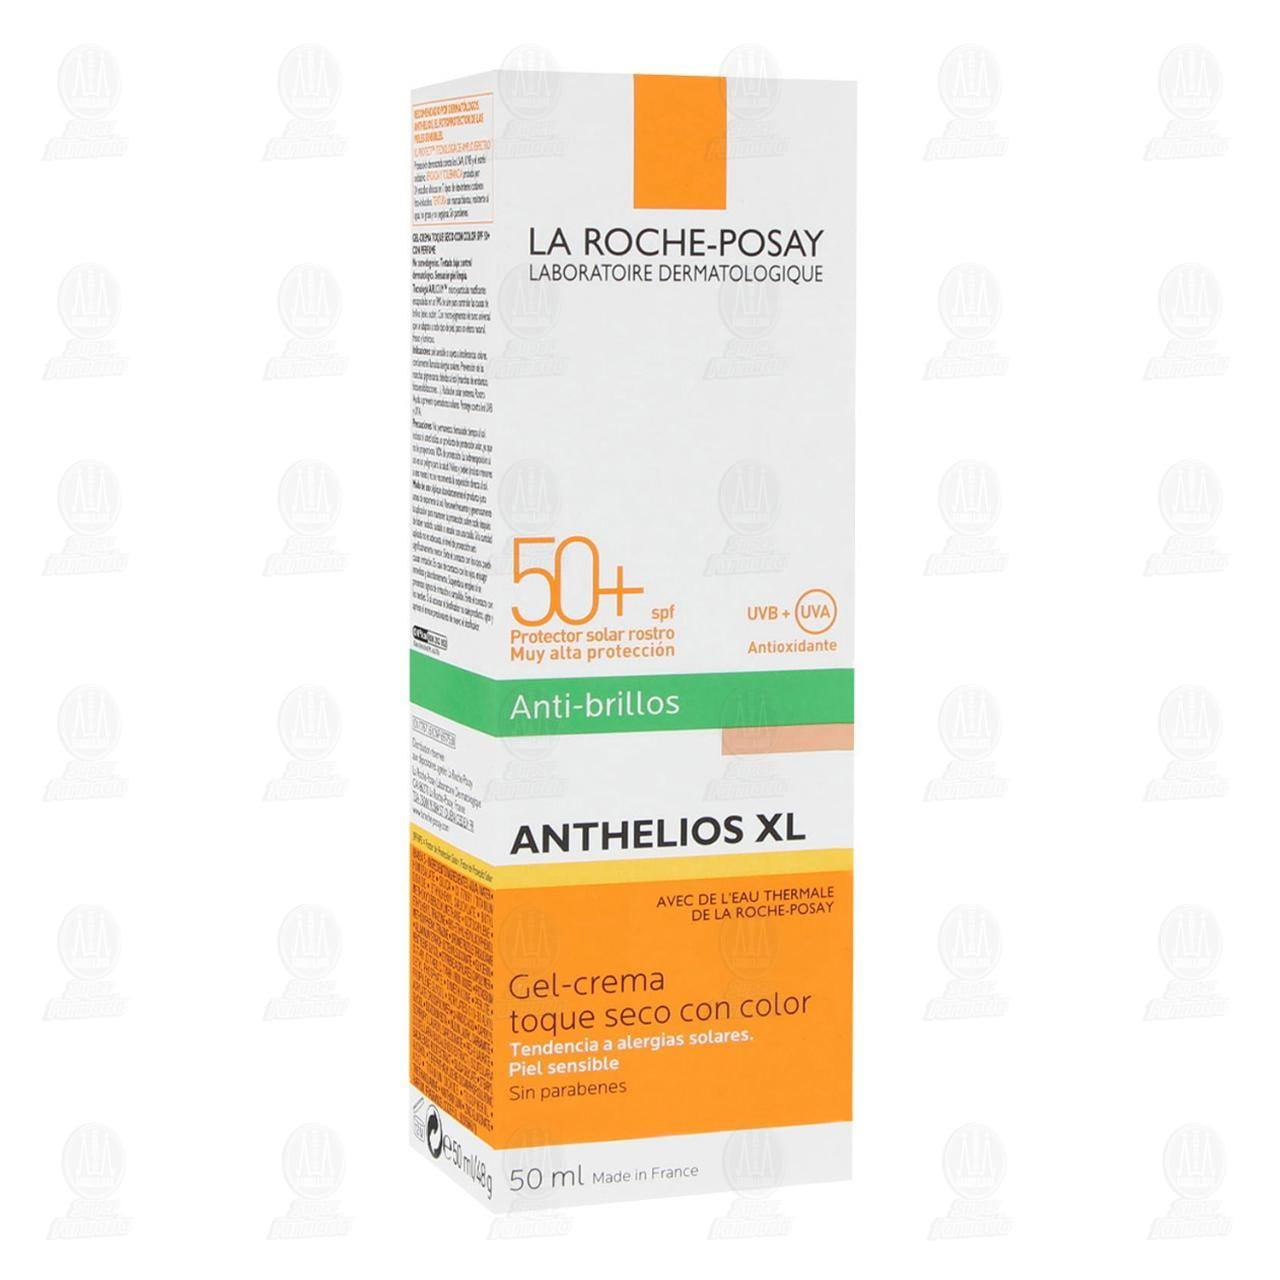 Comprar La Roche Posay Protector Solar Anthelios XL Toque Seco Con Color FPS 50+, 50 ml. en Farmacias Guadalajara